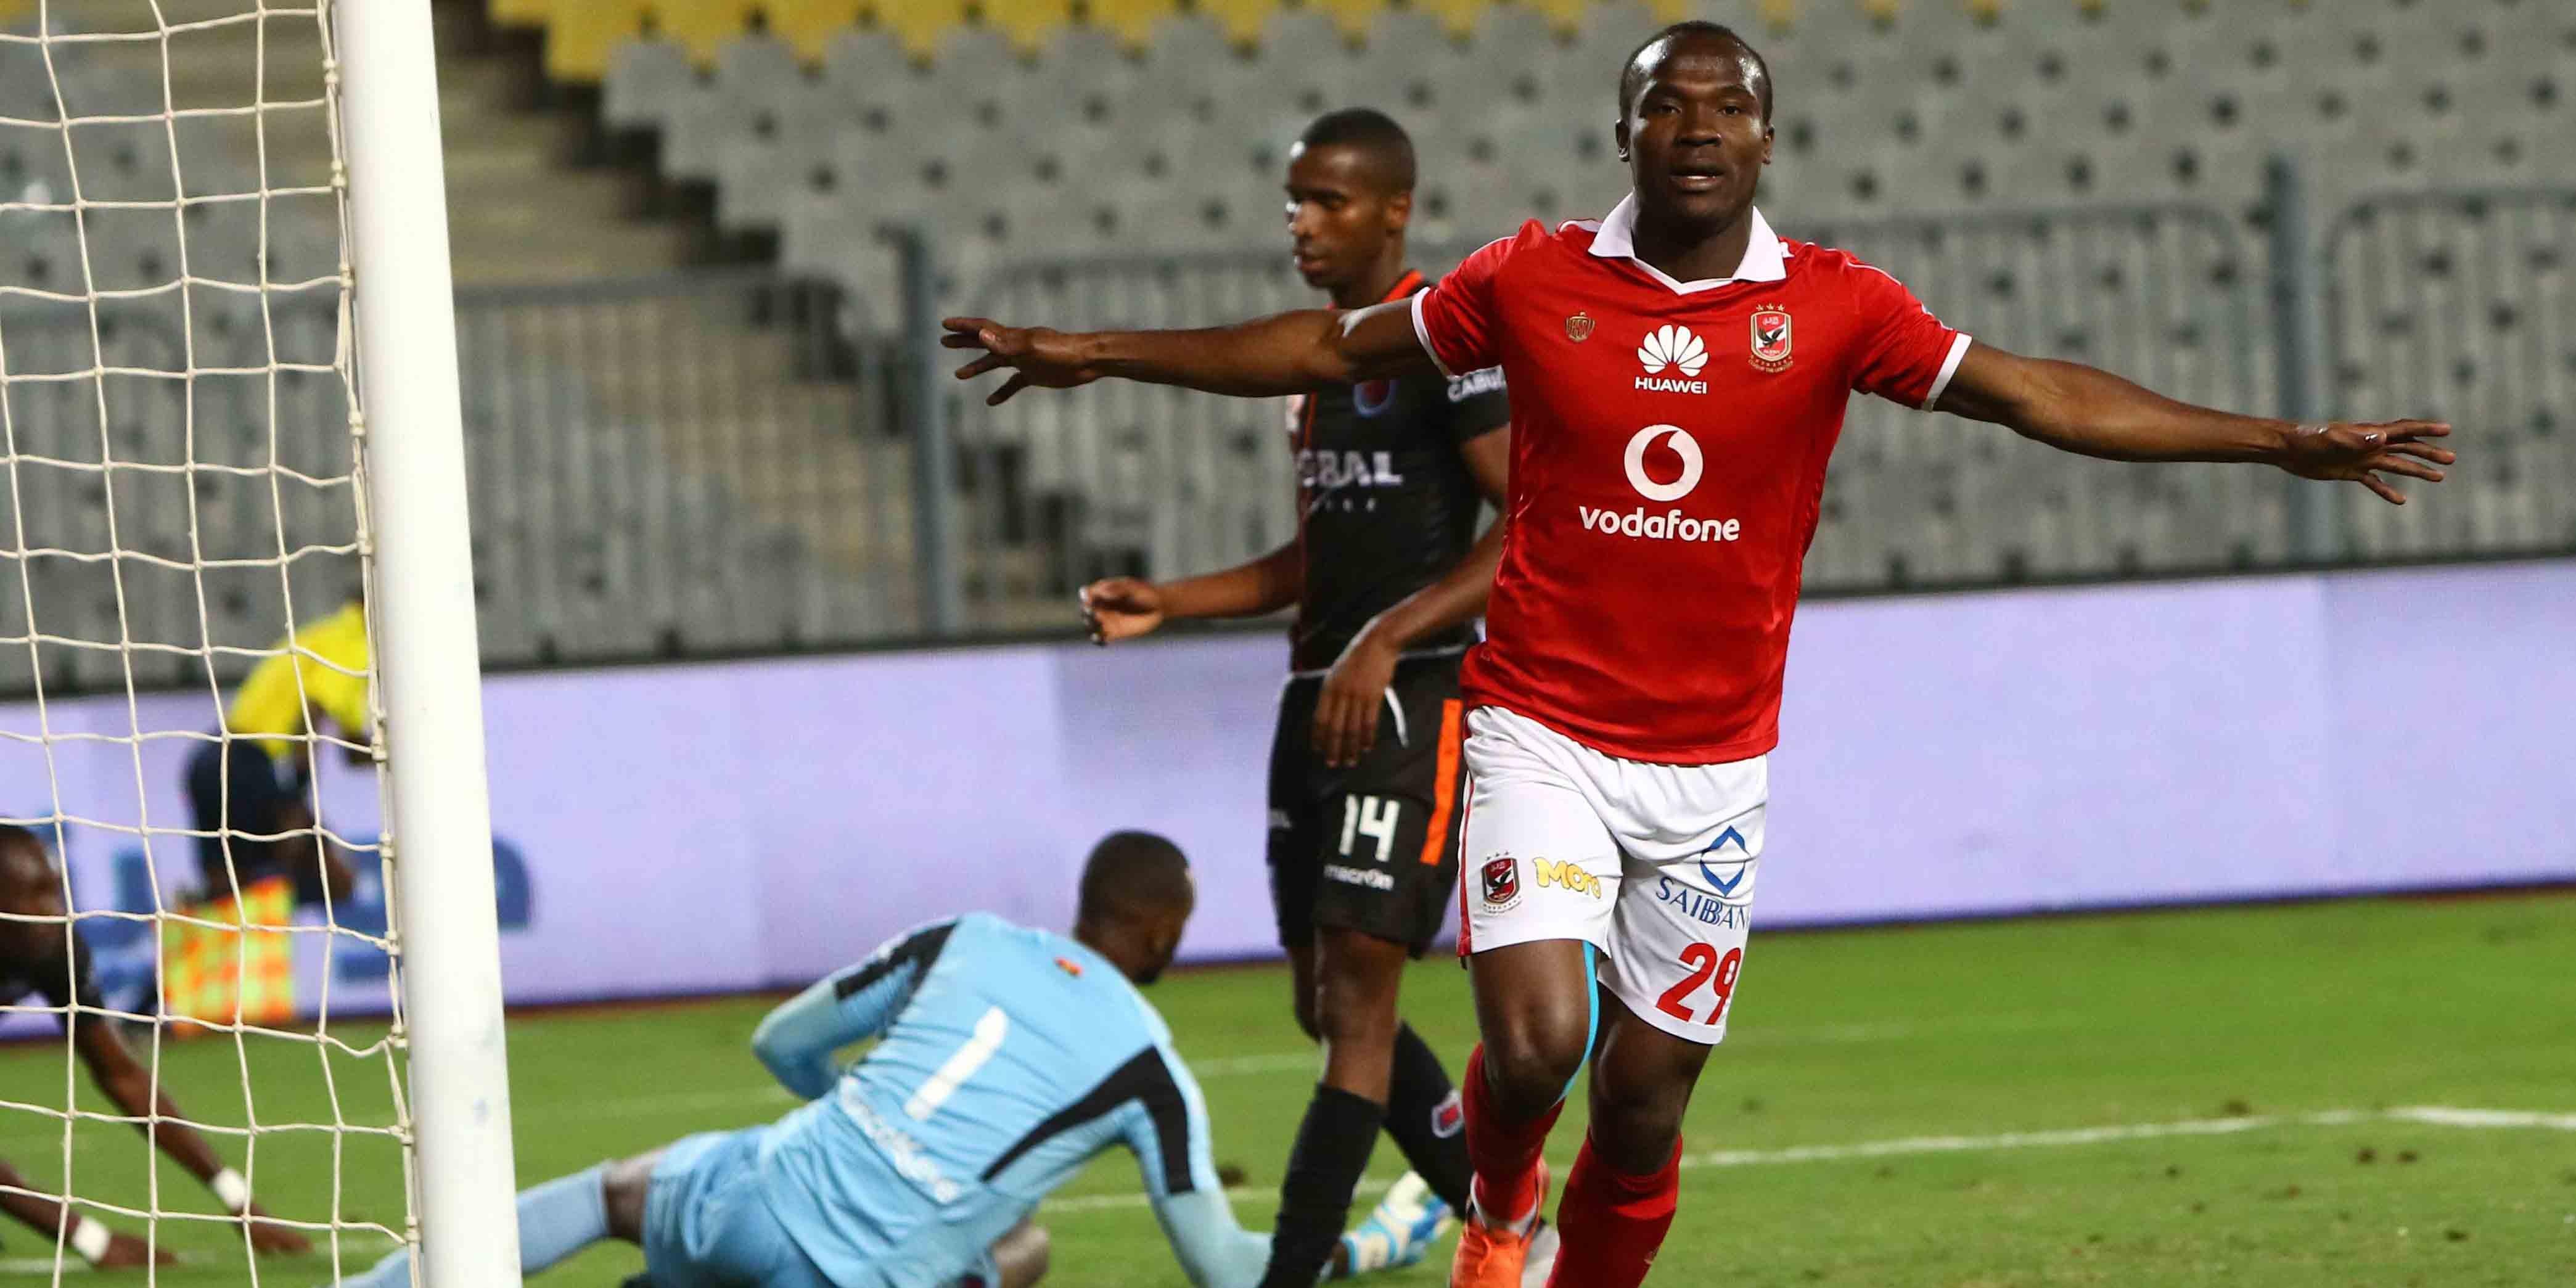 http://shbabbek.com/upload/«أنتوي» يعطّل صفقة انتقال هشام محمد إلى الأهلي